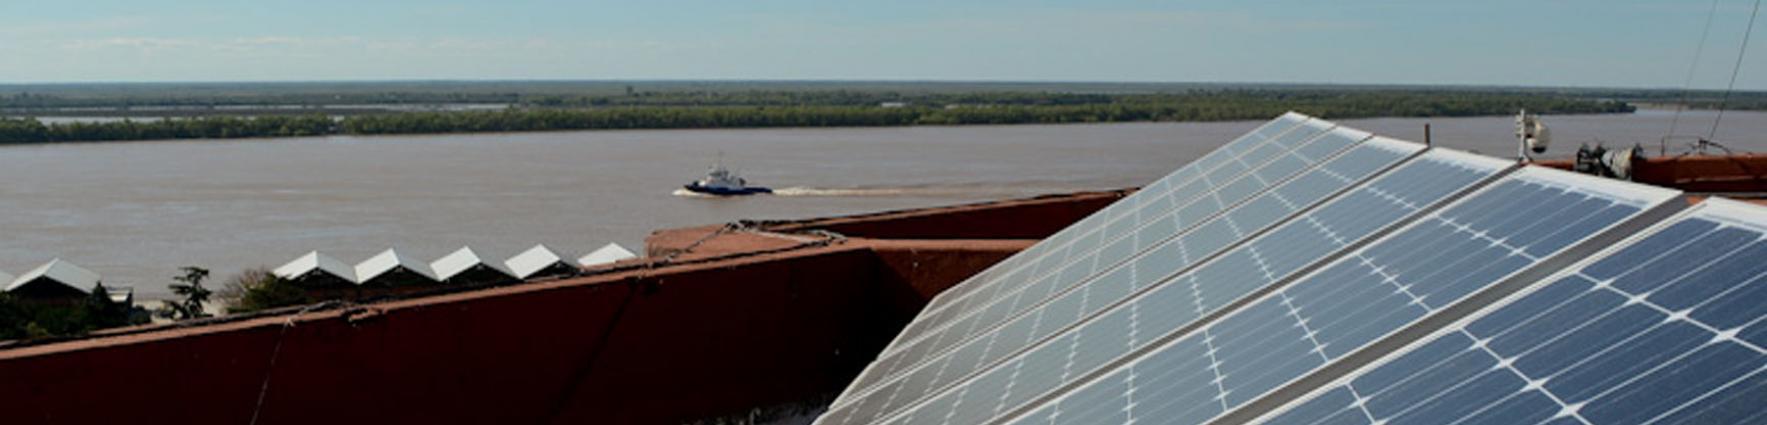 paneles solares del Palacio de Los Leones